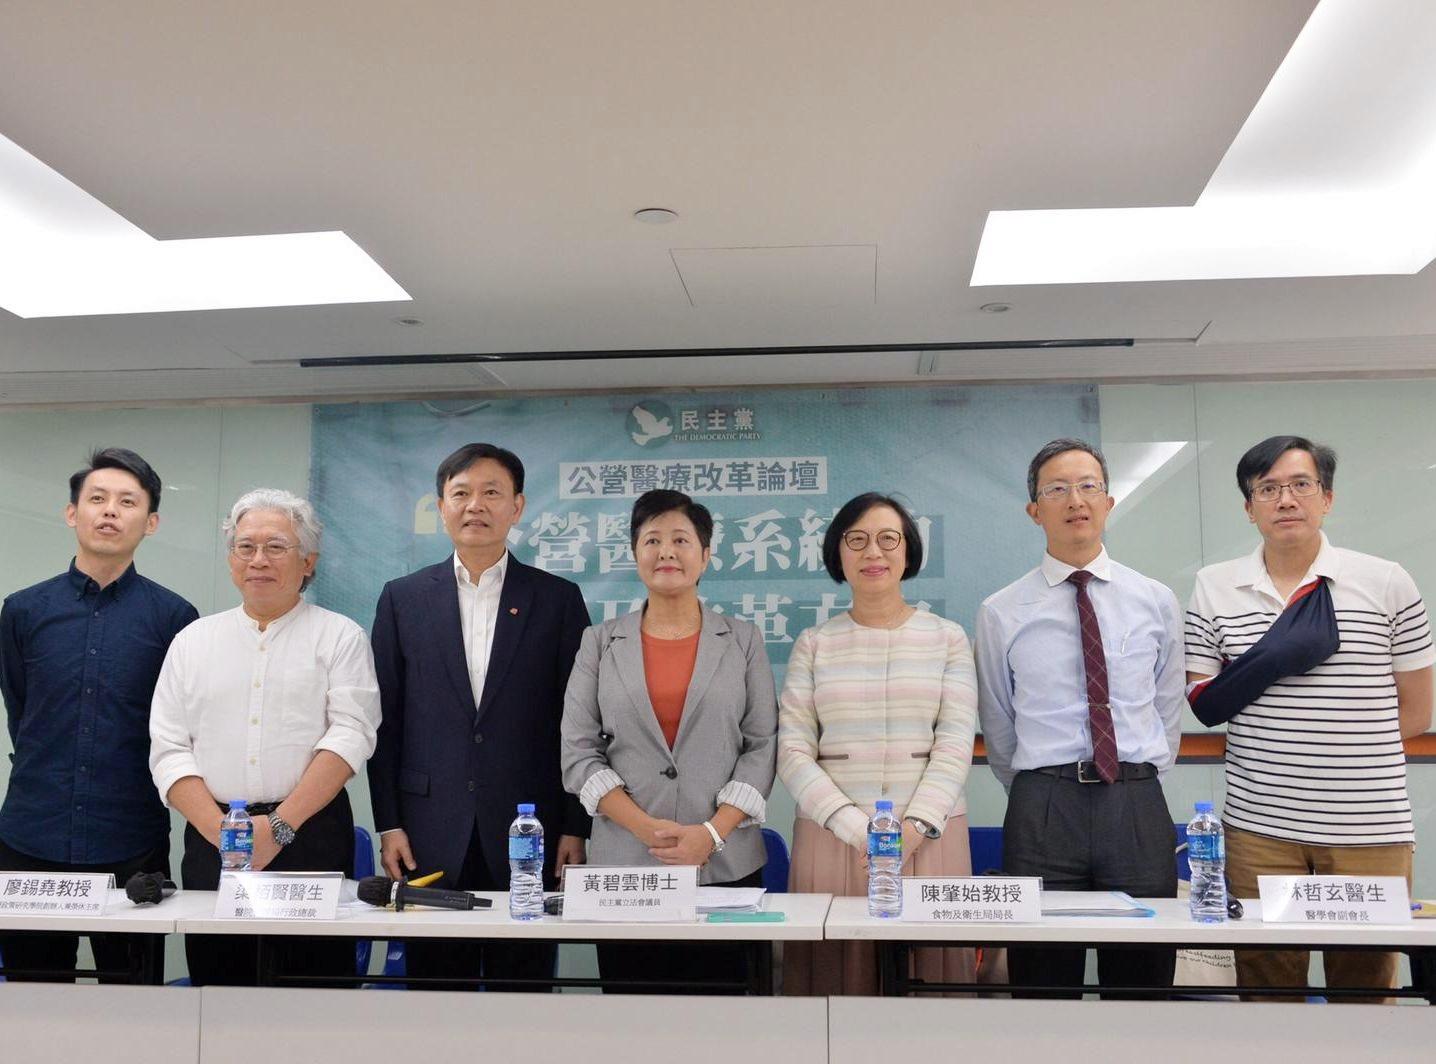 陳肇始、梁栢賢等人出席「公營醫療改革論壇」。